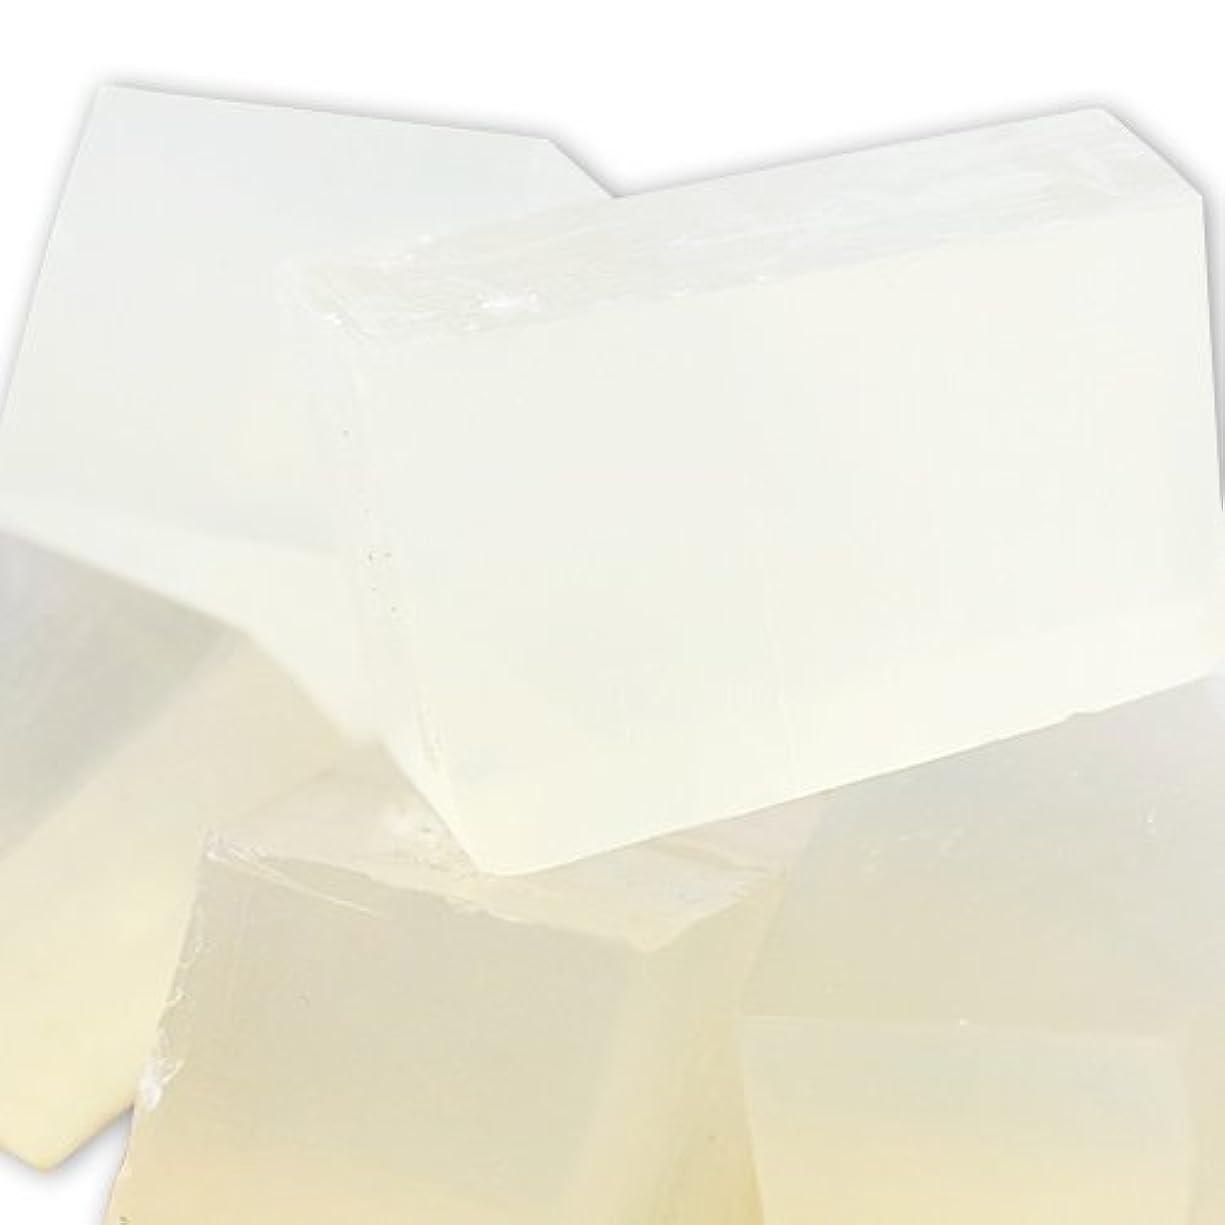 記憶忠実減るMPソープ [グリセリンソープ] クリア SLSフリー 1kg 【手作り石鹸/ハンドメイドソープ】